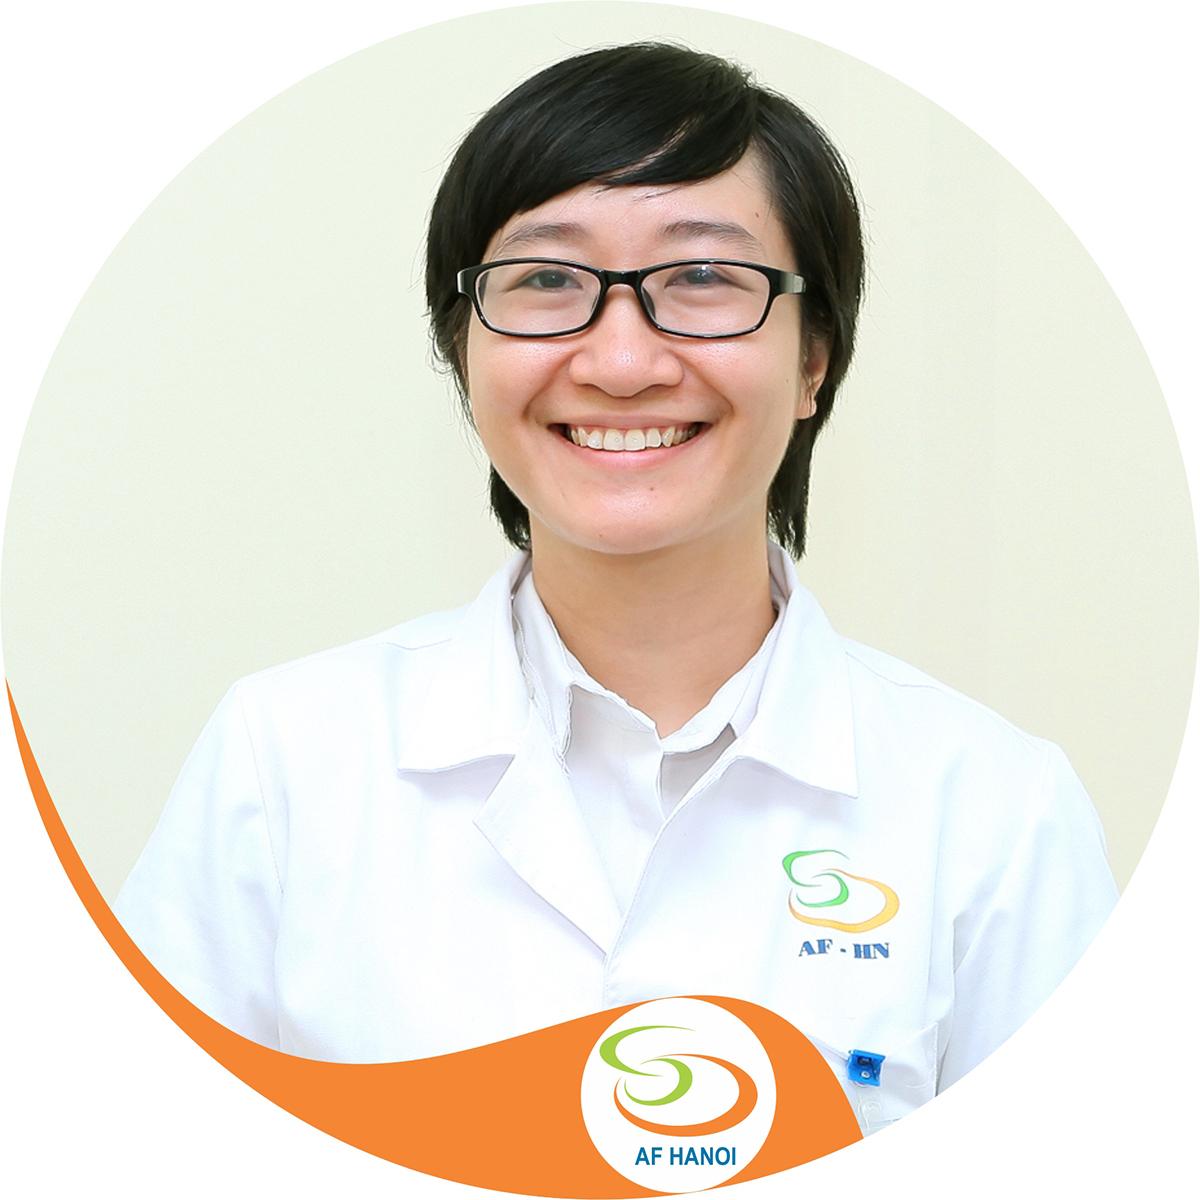 Thạc sỹ Nguyễn Thu Hà - Tổ trưởng tổ QLCLBV